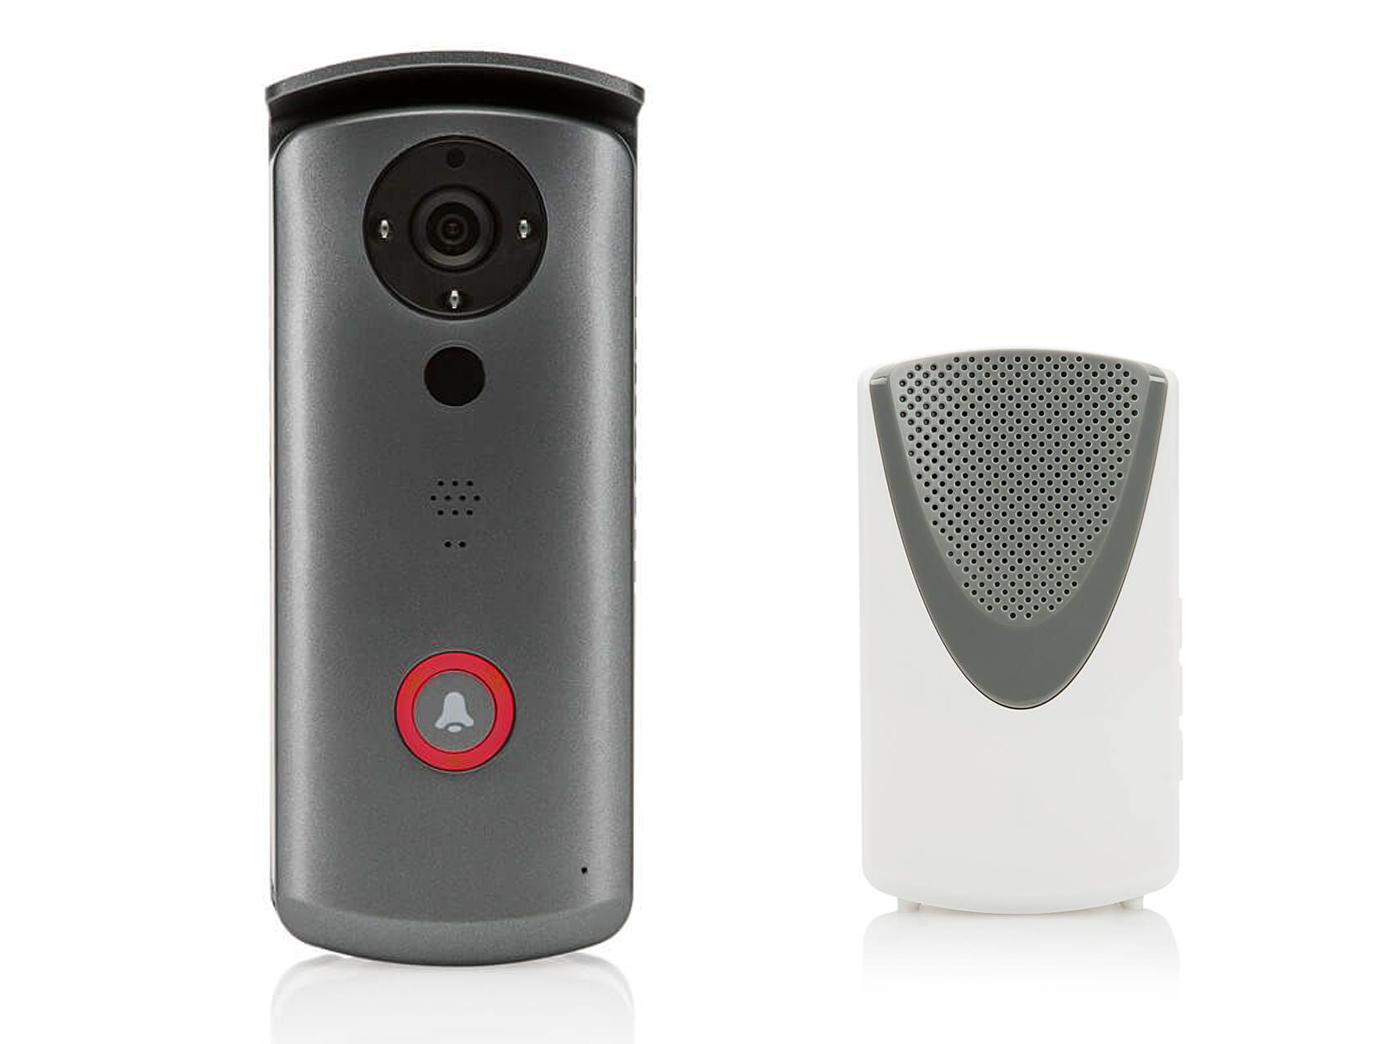 hausklingel mit kamera, türanlage app steuerung haustür sprechanlage